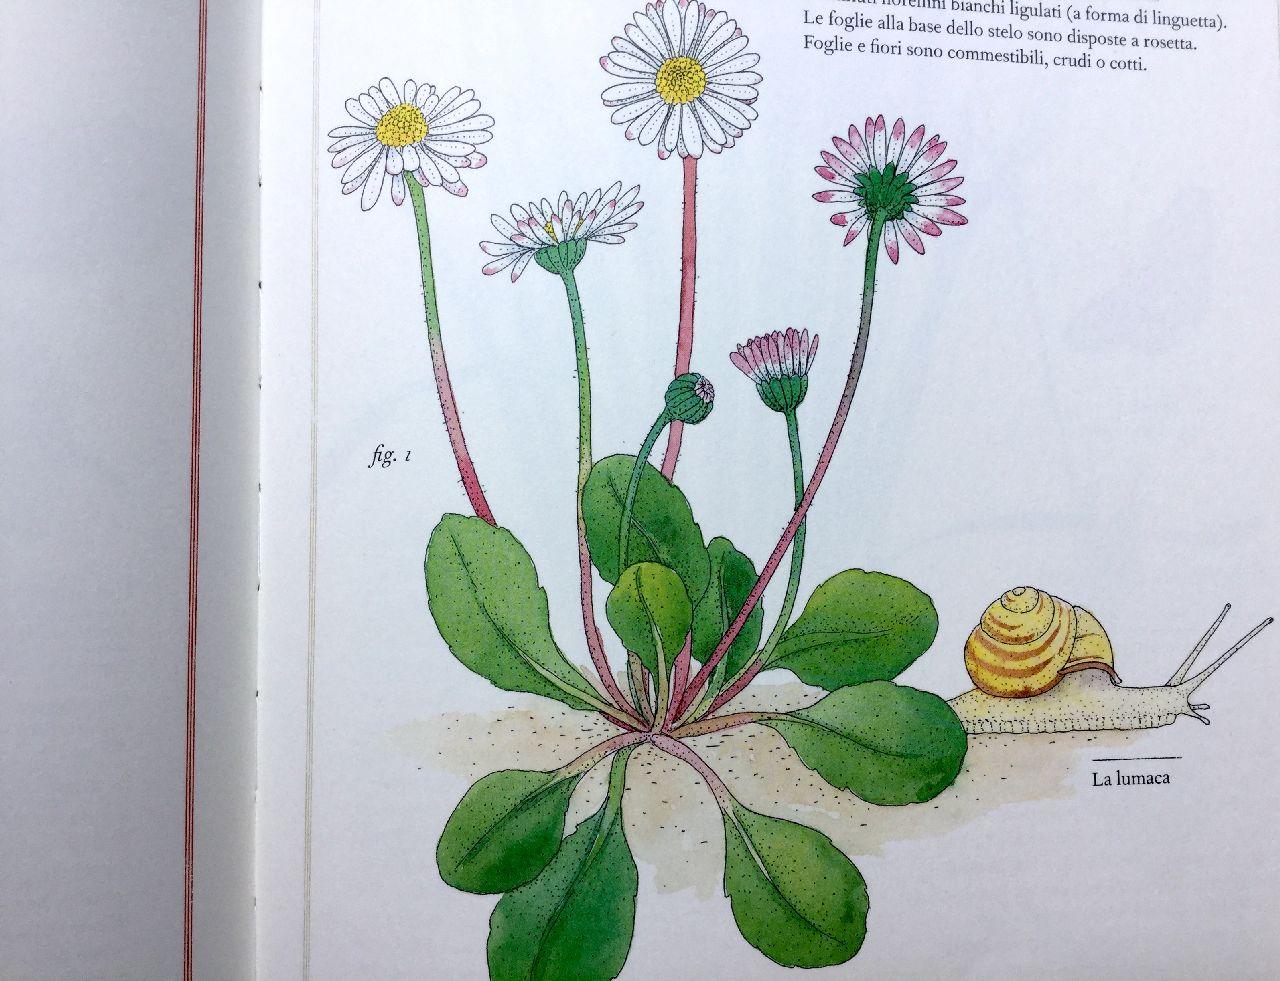 Virginie Aladjidi - Emmanuelle, Inventario illustrato dei fiori, L'ippocampo